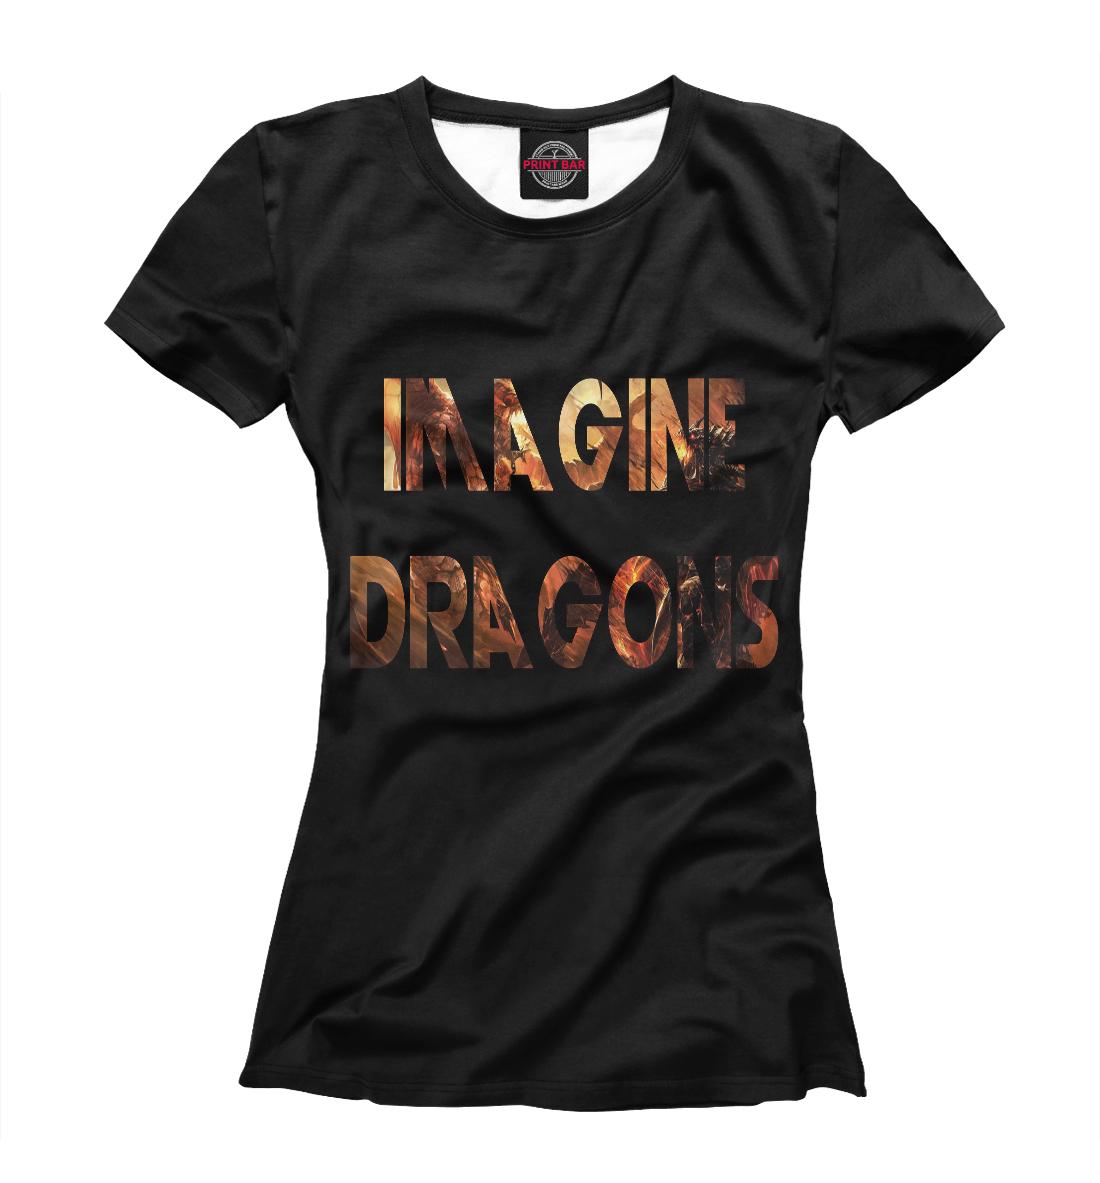 Купить Imagine Dragons, Printbar, Футболки, IMA-426714-fut-1